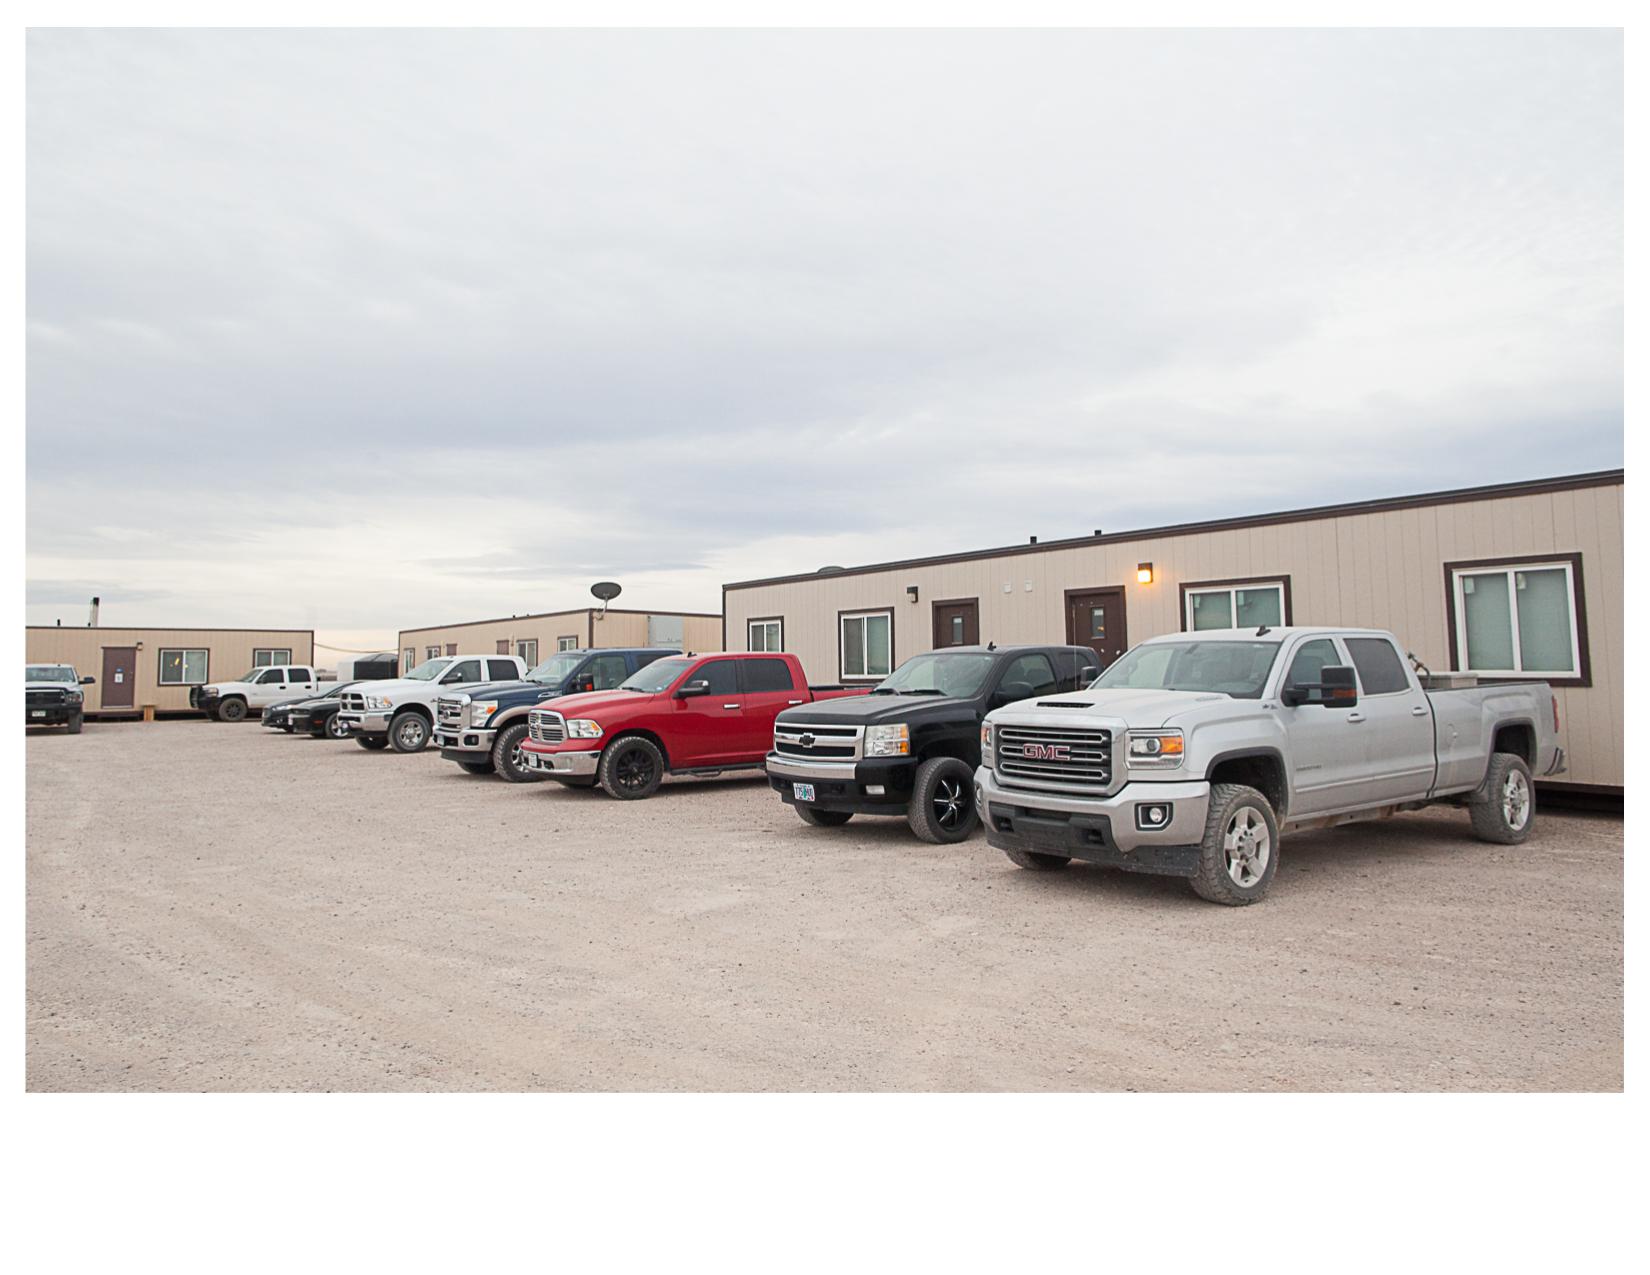 Pickup Trucks outside Oilfield Worker's Trailers, Pecos, TX